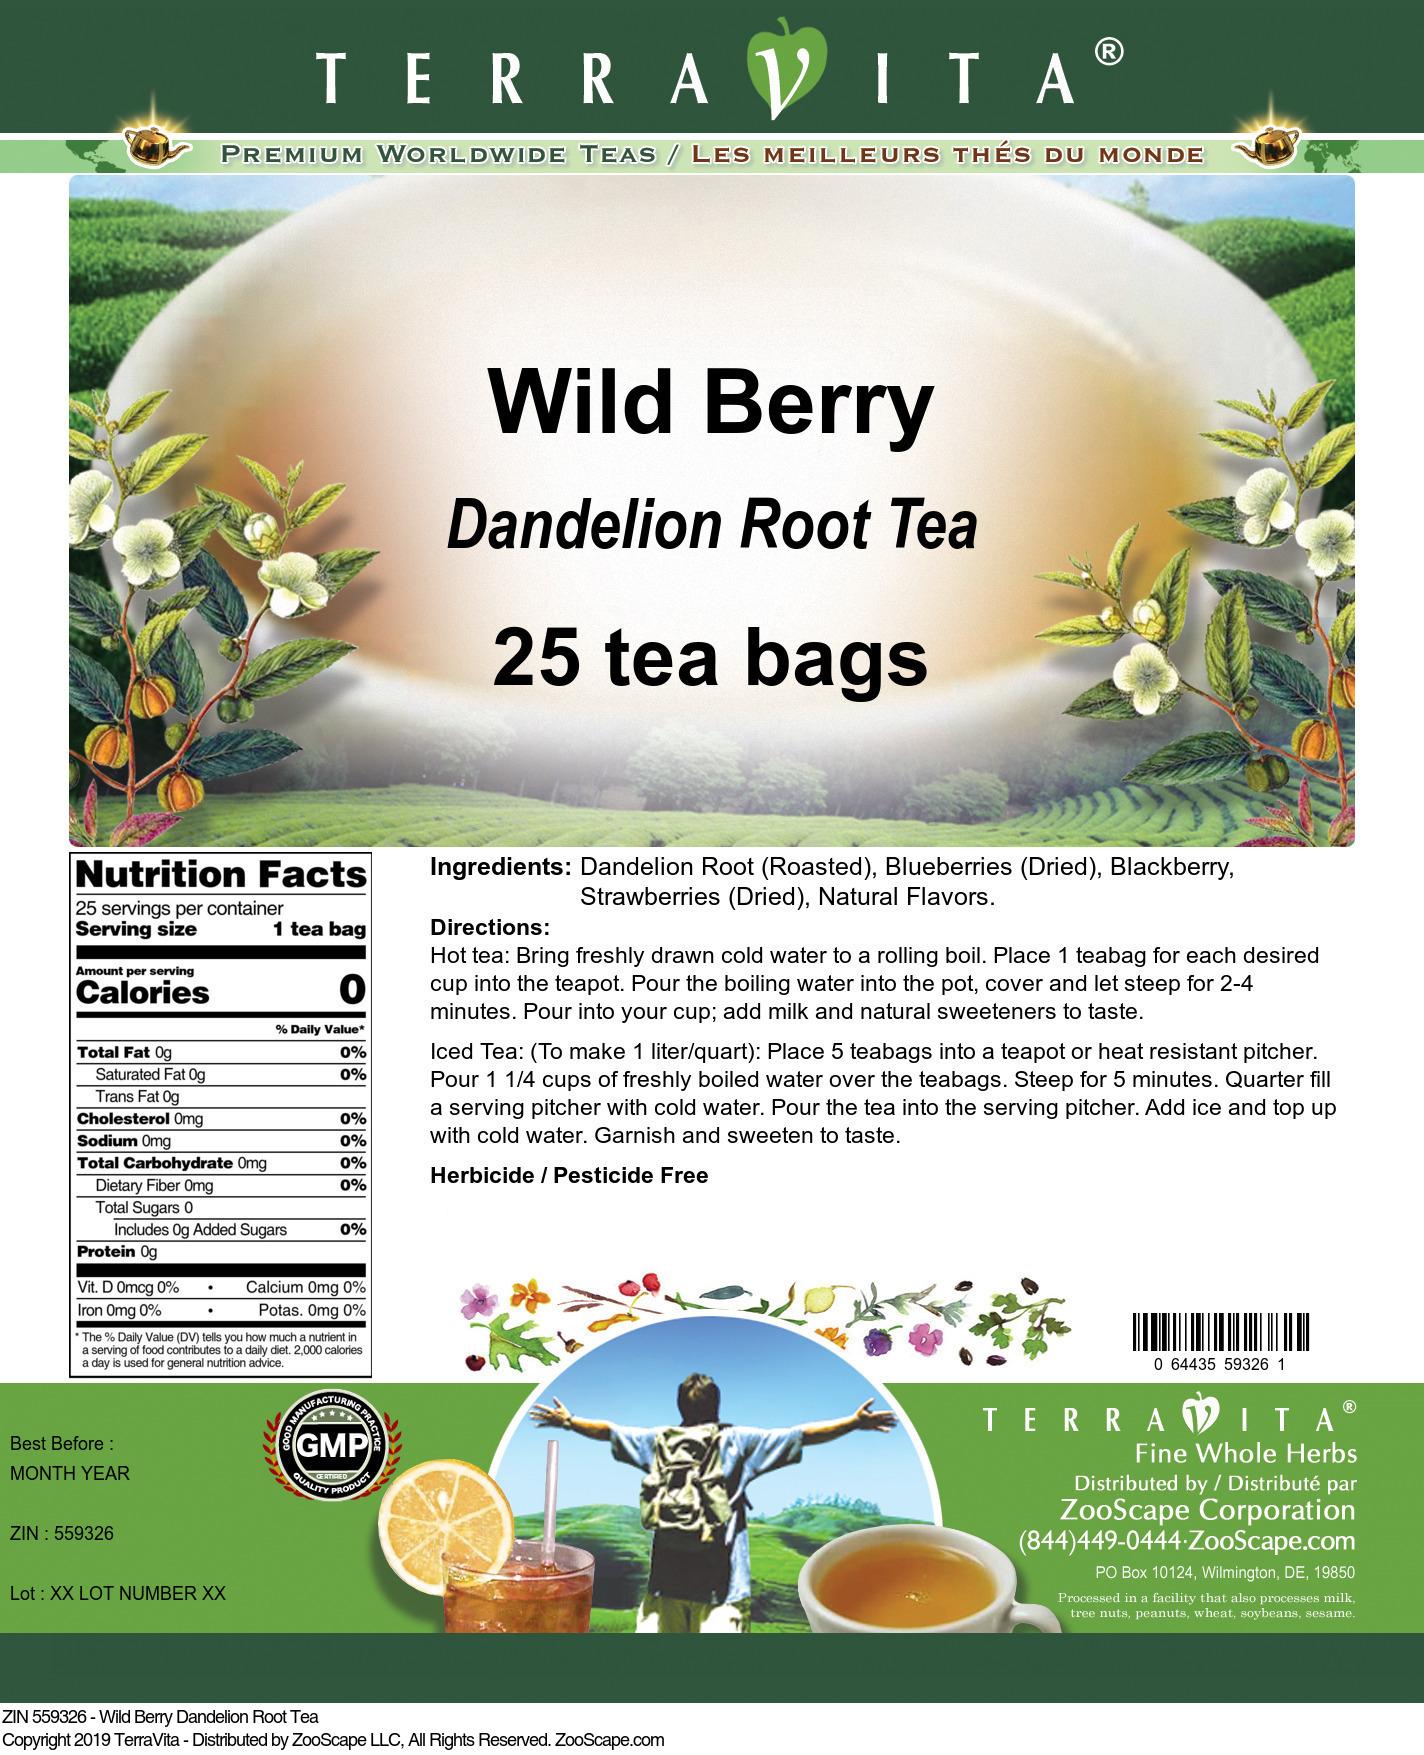 Wild Berry Dandelion Root Tea